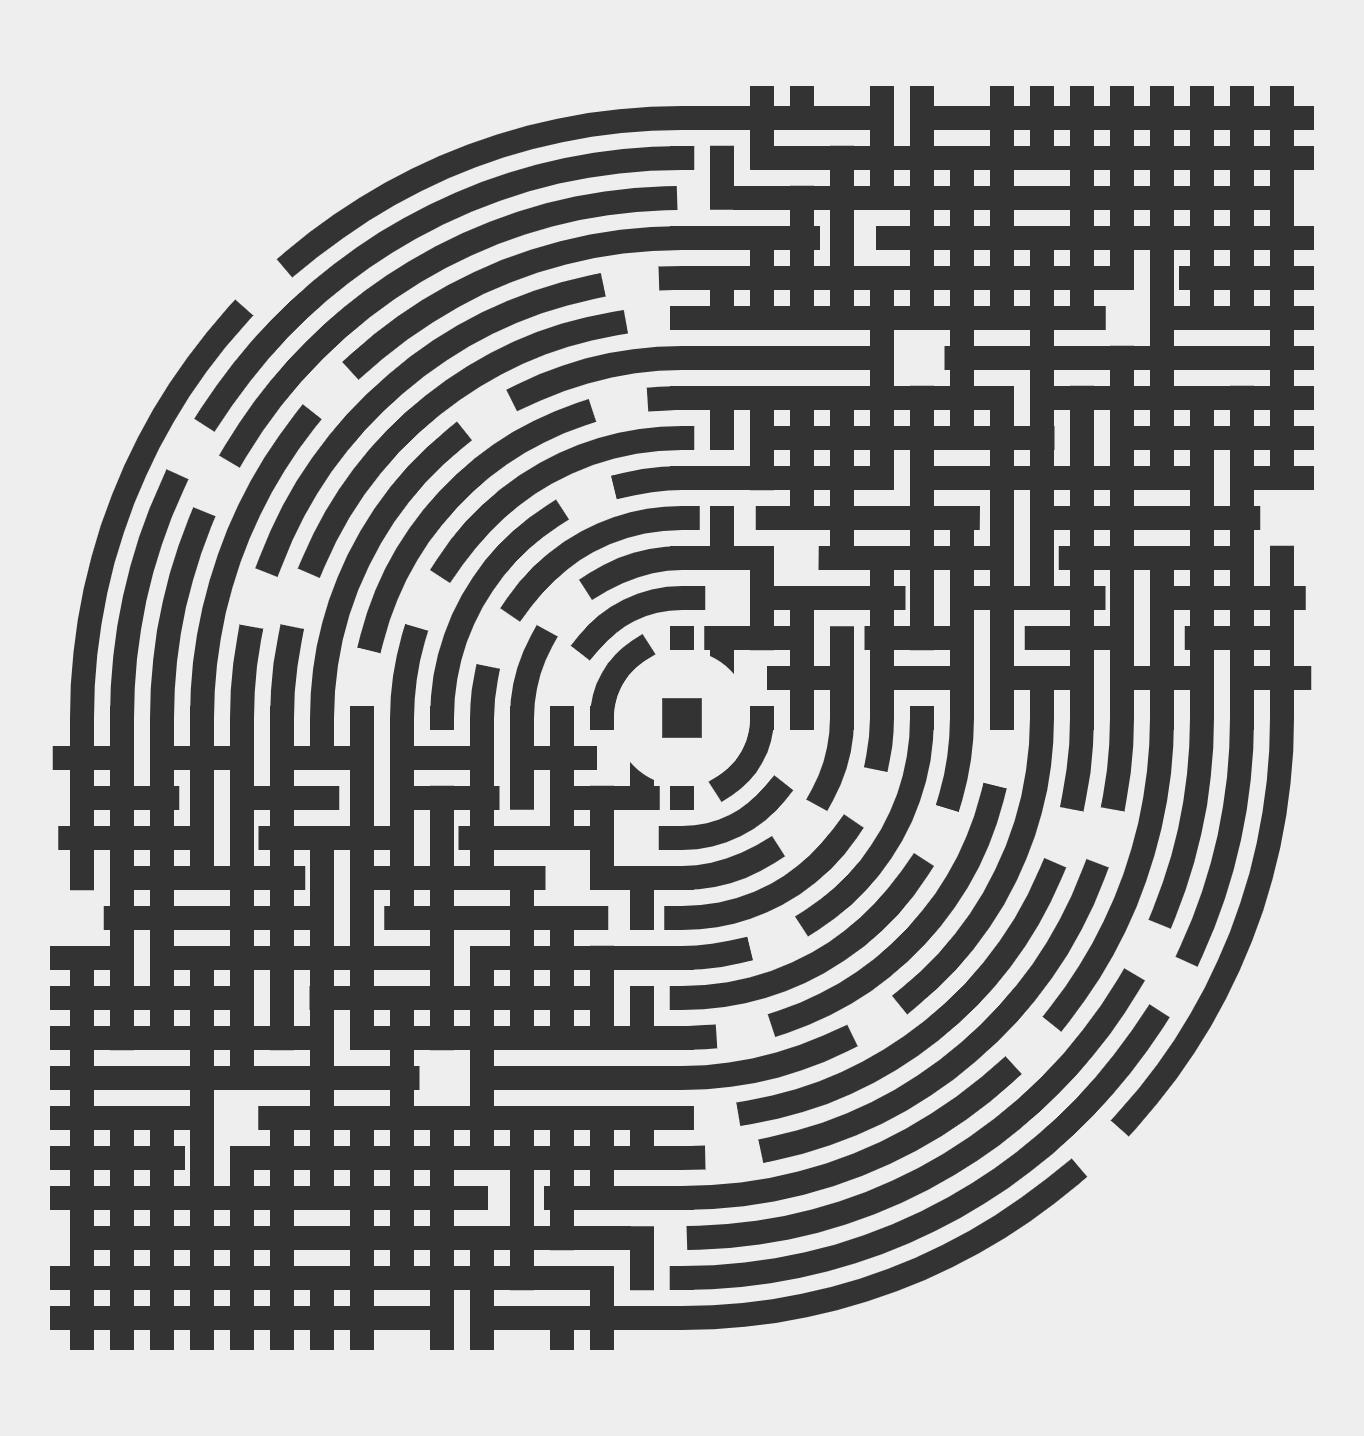 isolation-pixel-static-48